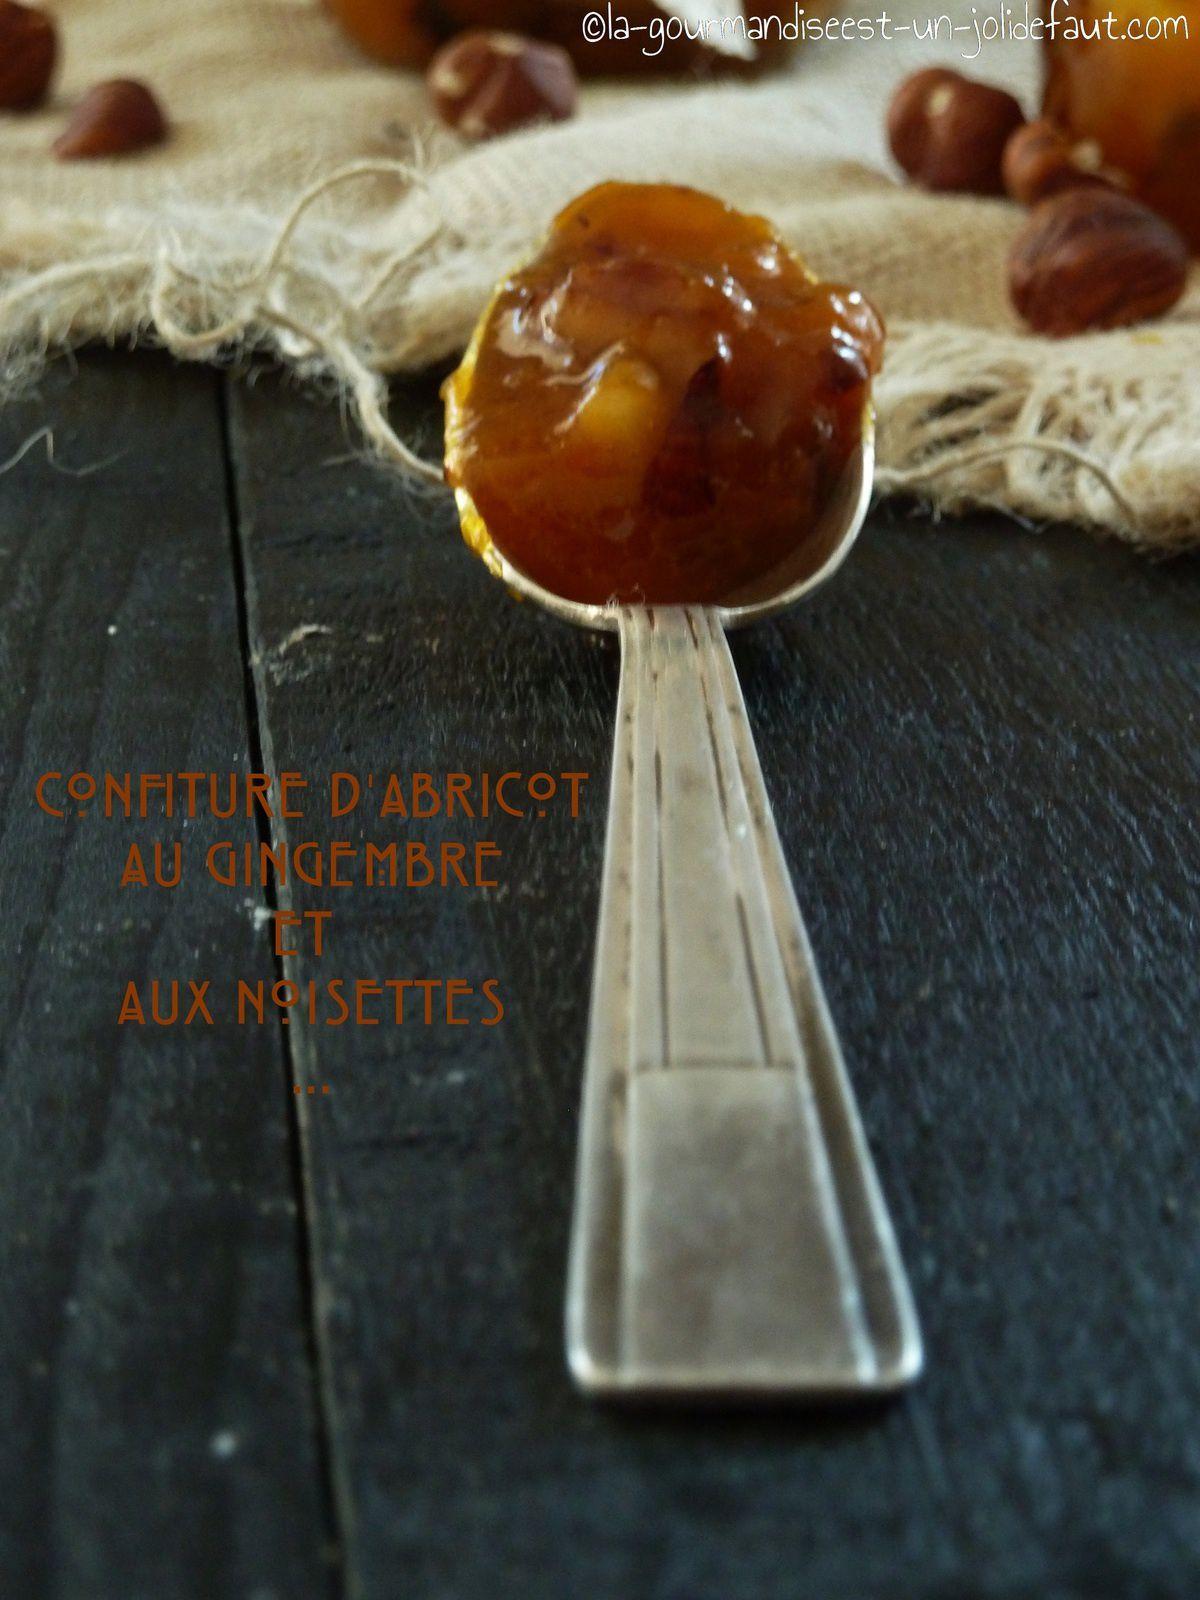 Confiture d'abricot au gingembre et aux noisettes